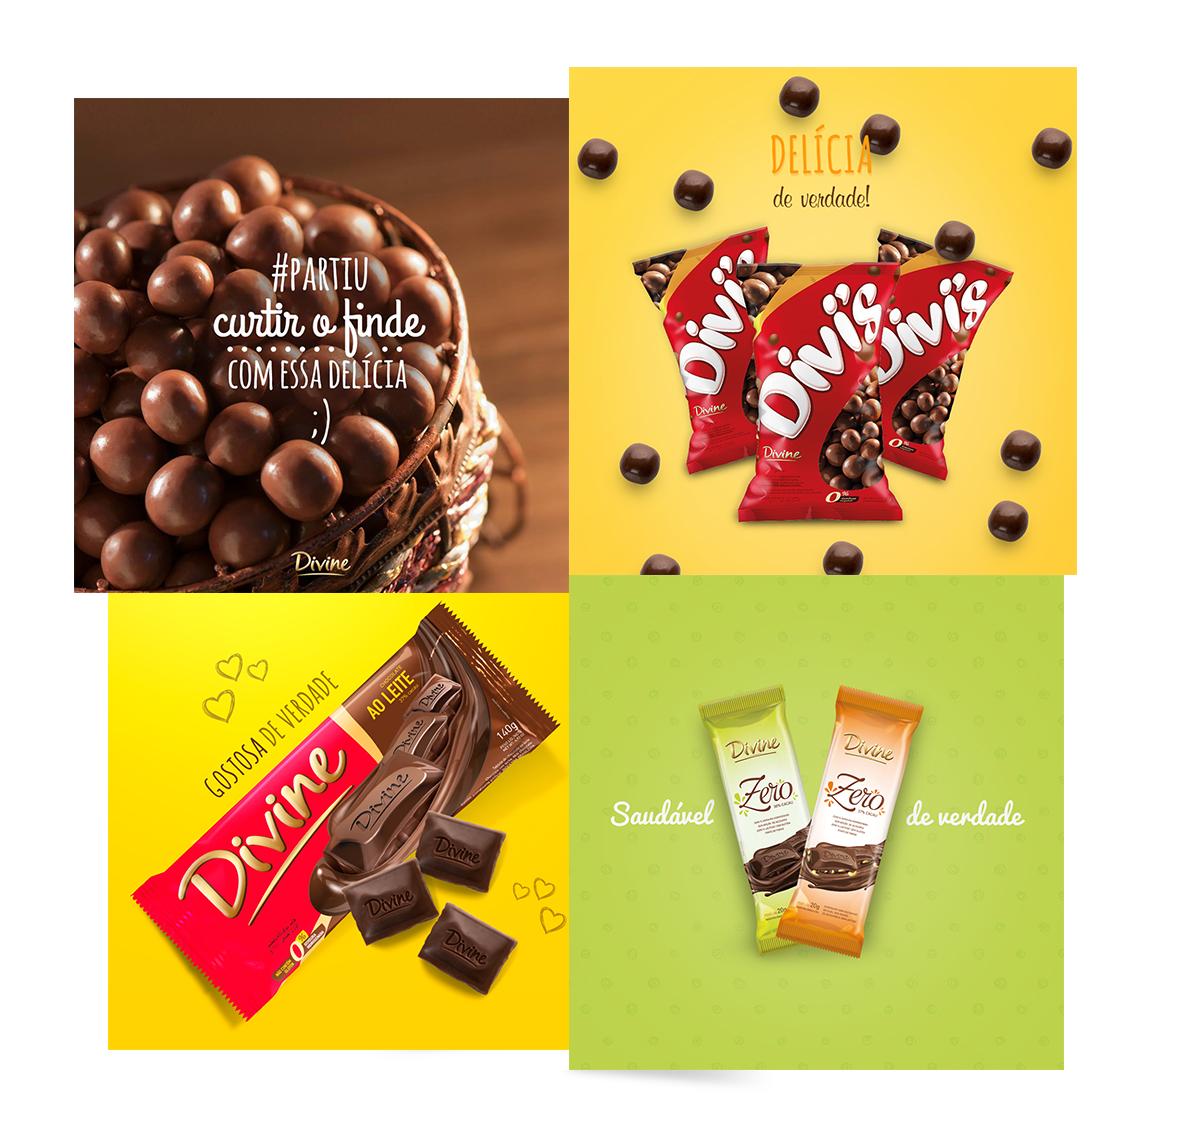 Toyz-Divine-Publicidade--Chocolate-de-Verdade_1200